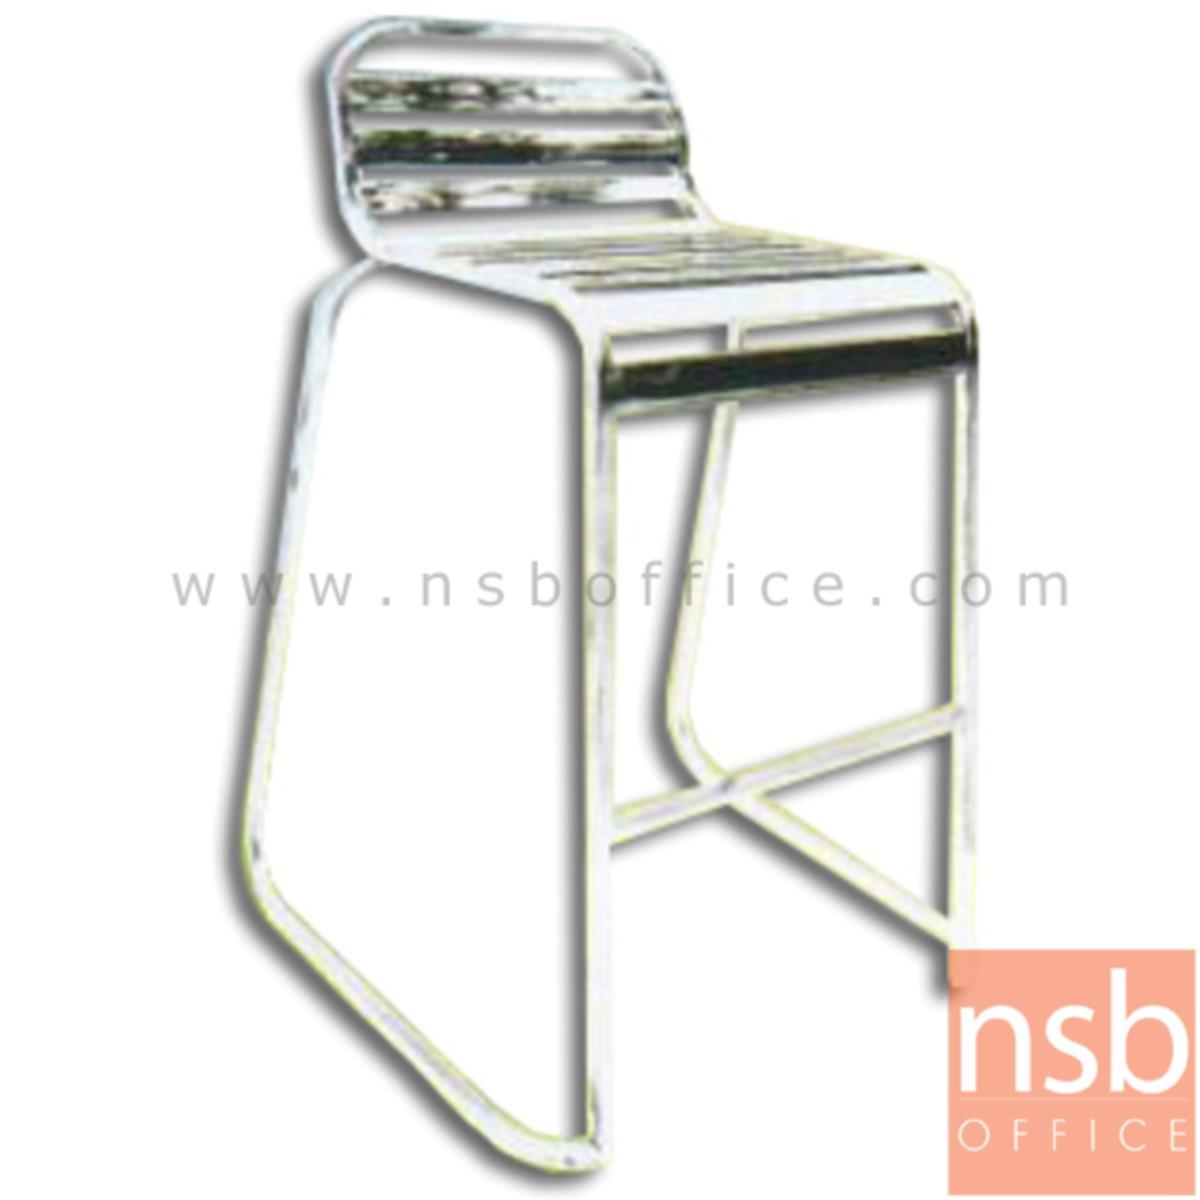 G12A178:เก้าอี้บาร์สเตนเลสสูง 97 ซม. ไม่มีท้าวแขน รุ่น KJC-741